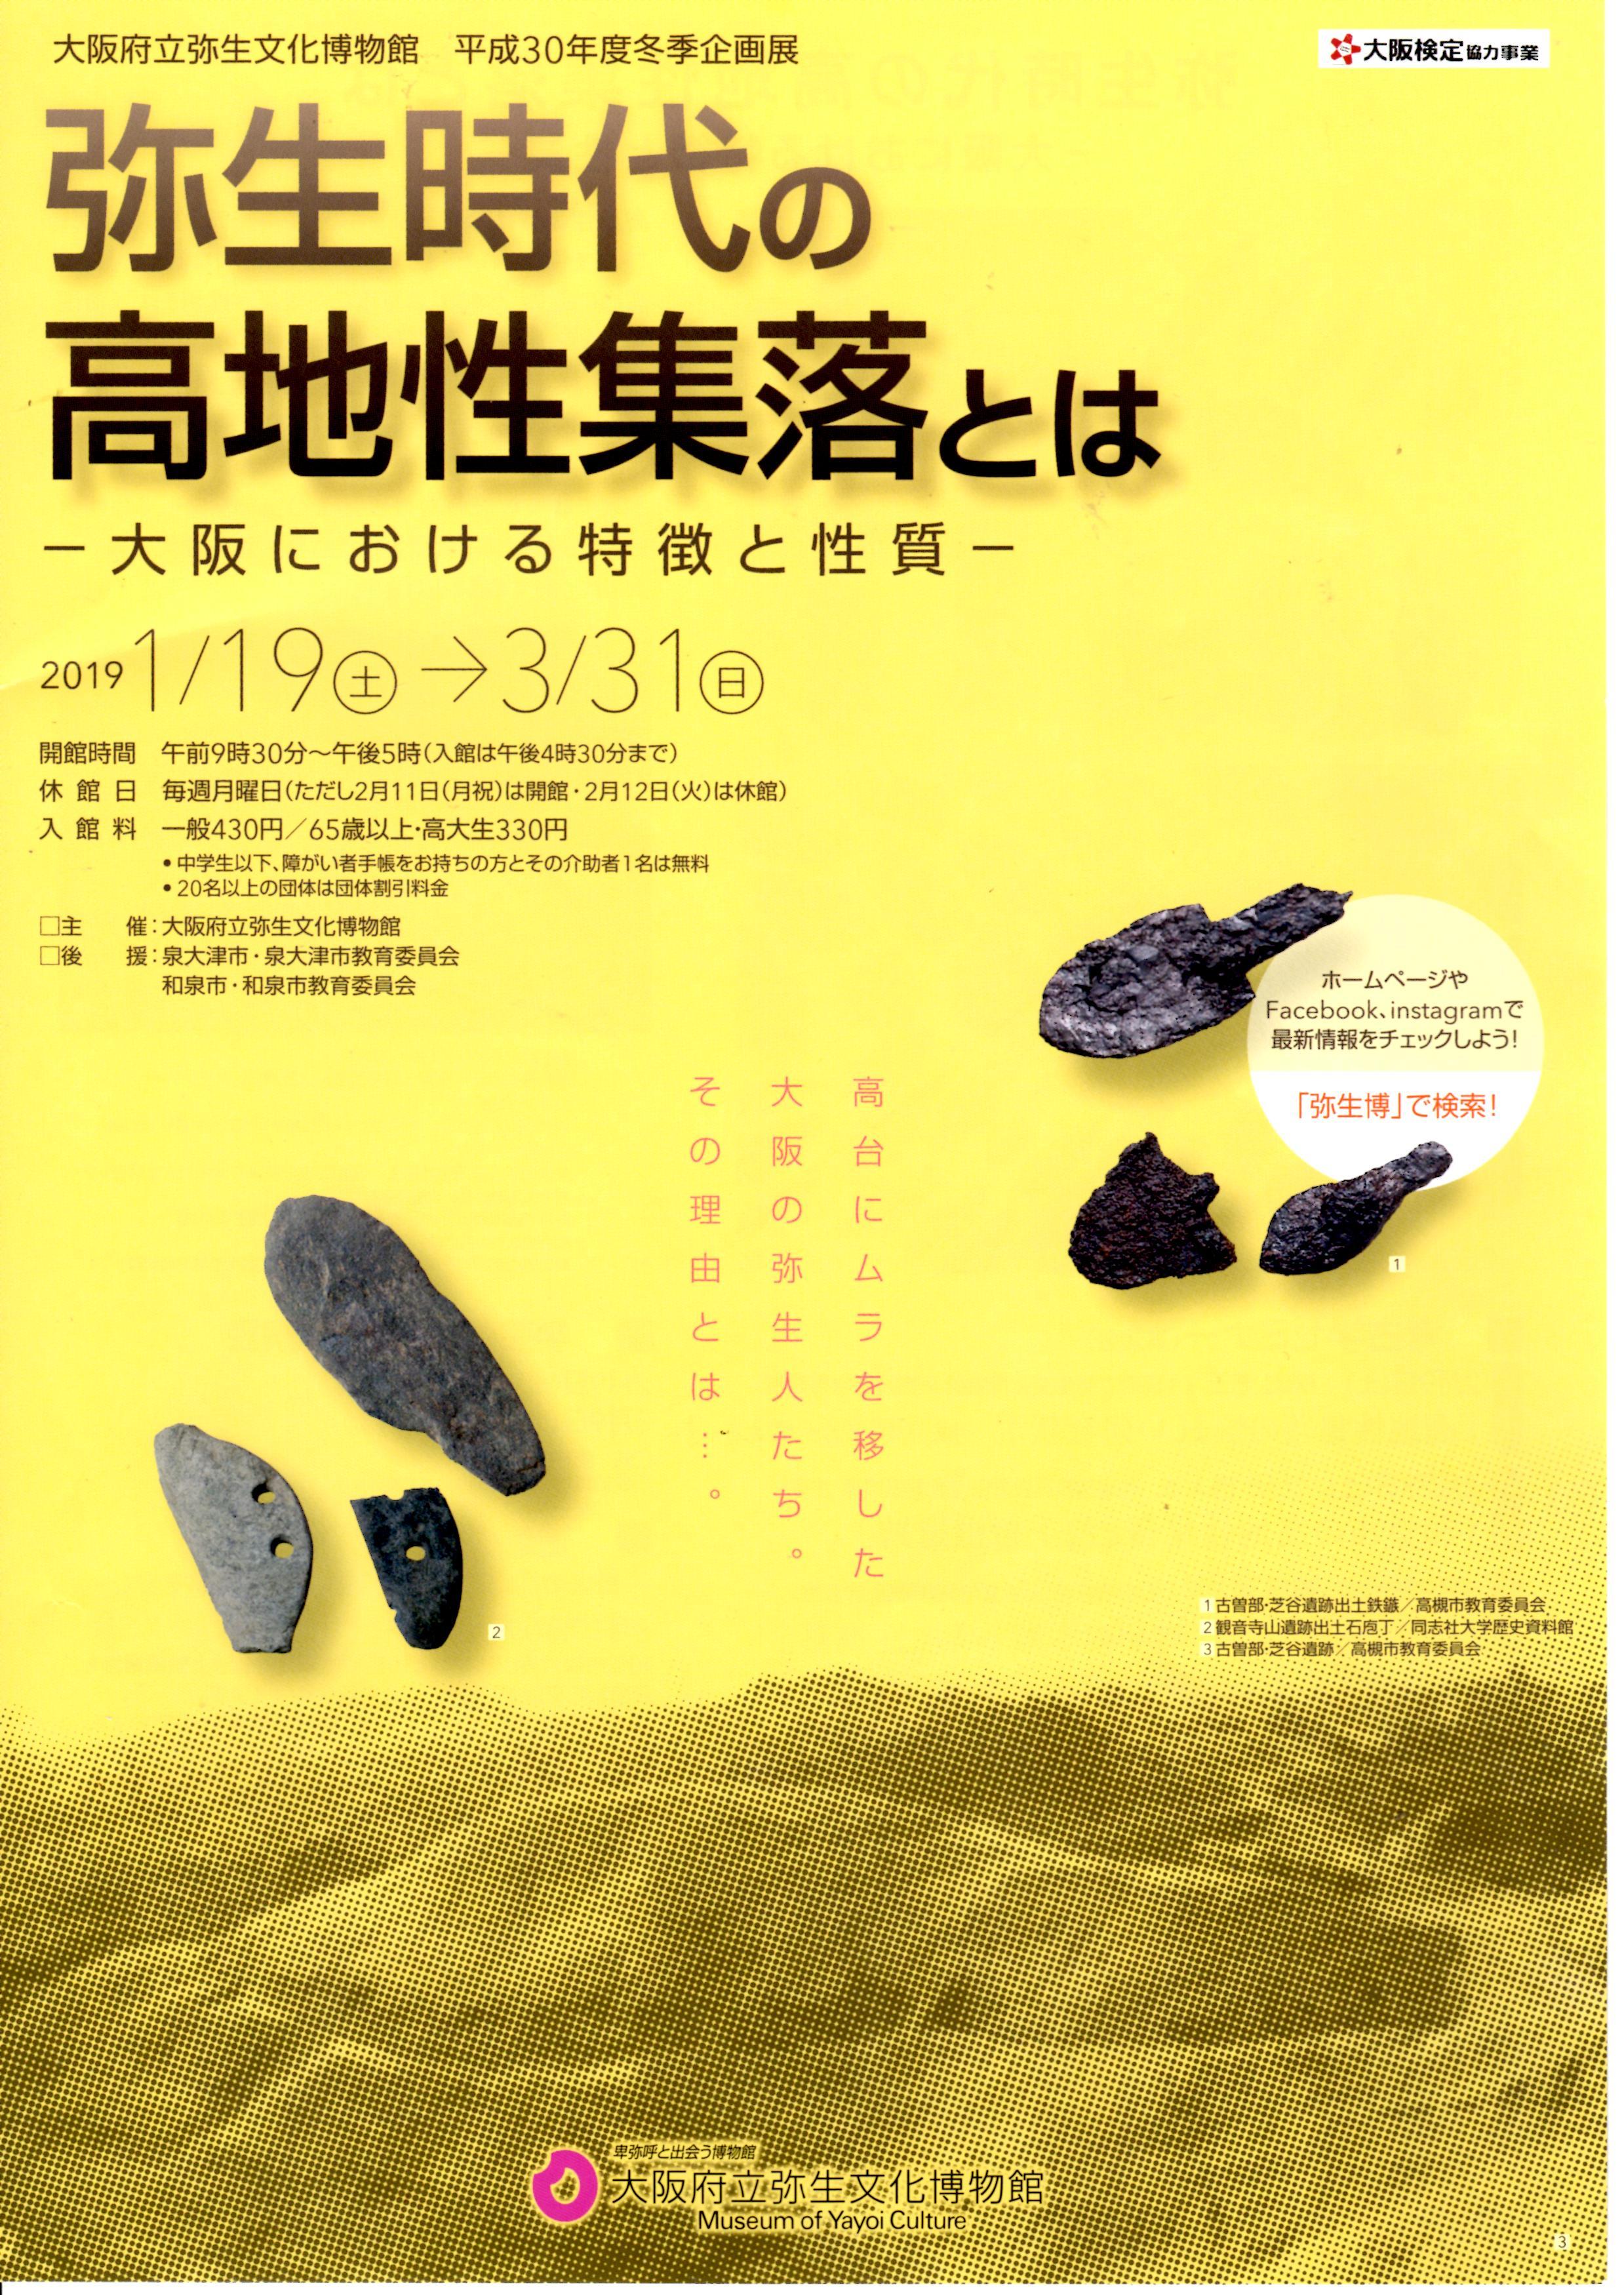 弥生時代の高地性集落とは  -大阪における特徴と性質ー